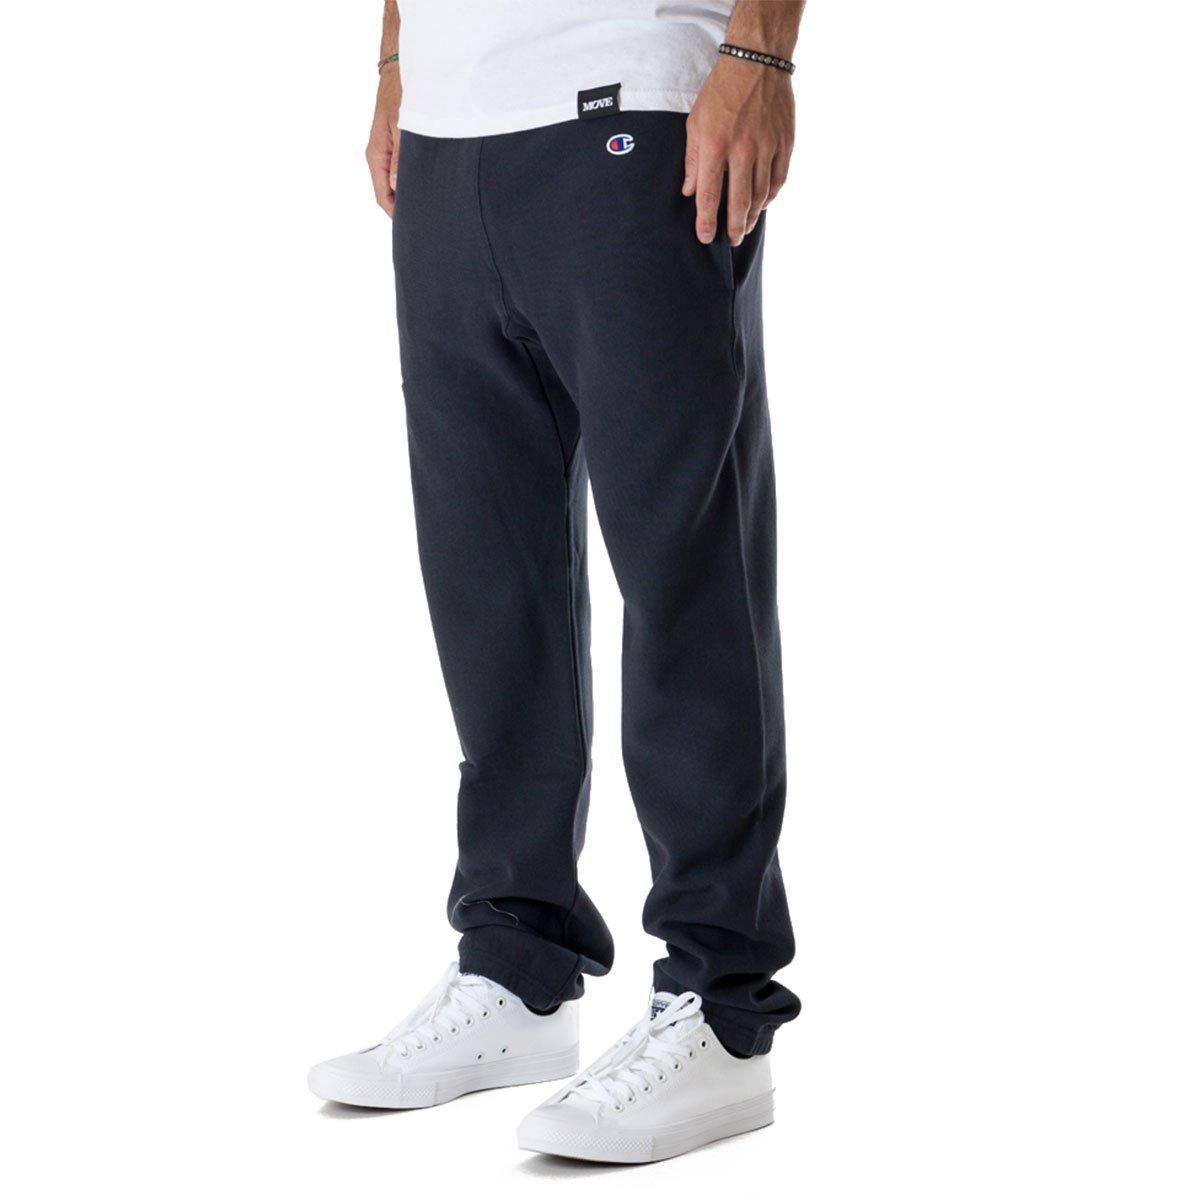 2c4888a40351 Champion Reverse Weave Track Pants (Navy) Medium  Amazon.co.uk  Clothing